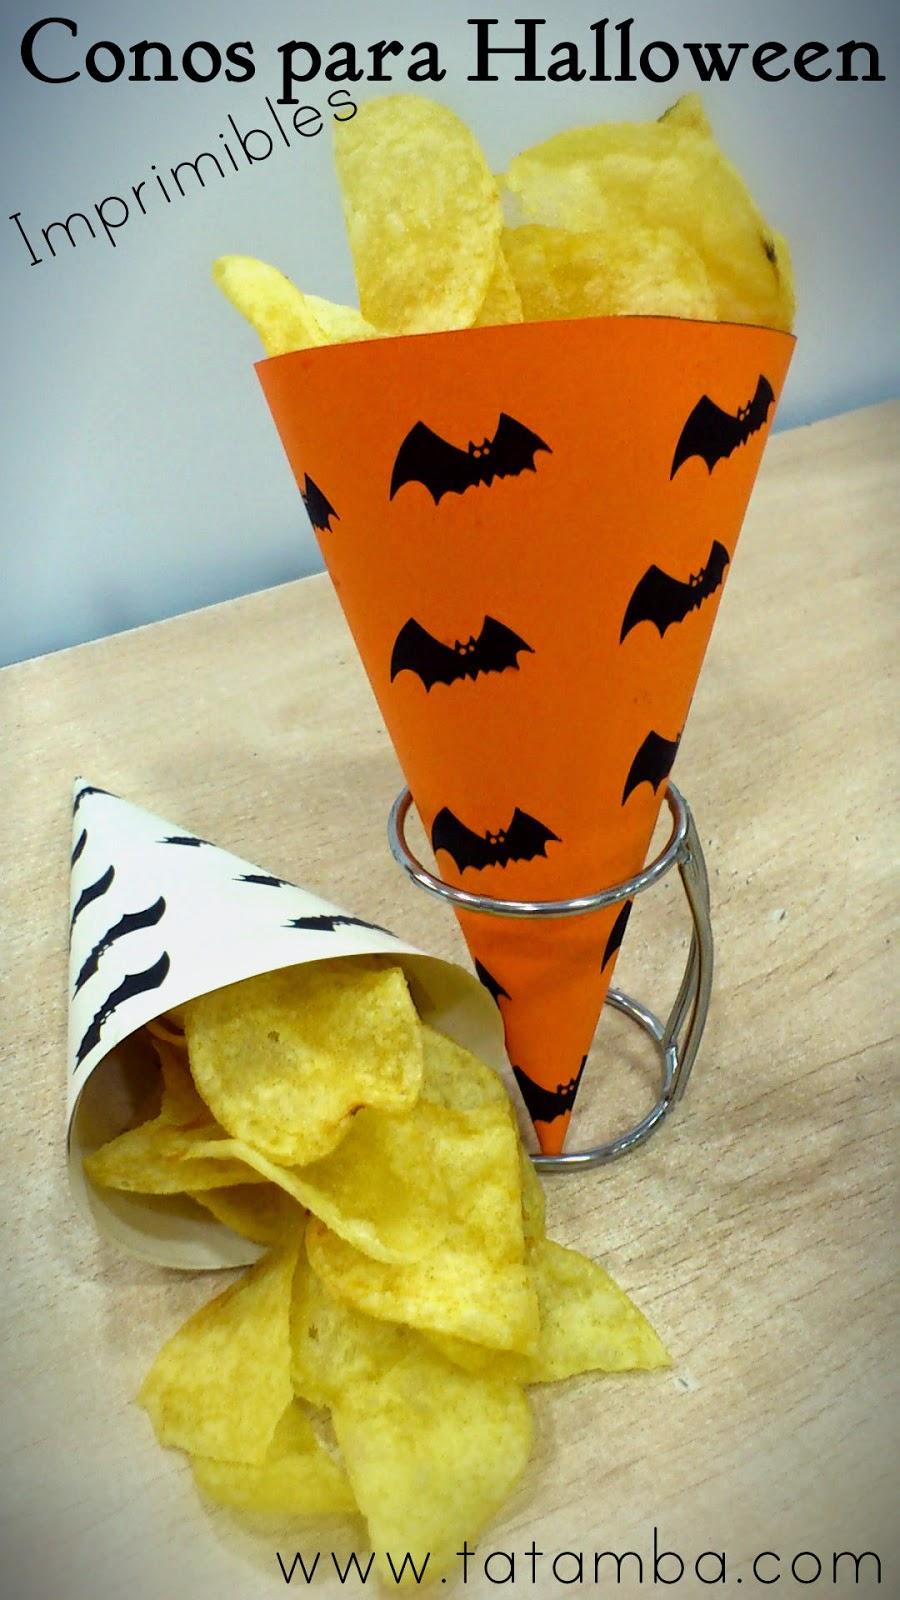 Conos para halloween imprimibles somosdeco blog de for Decoracion halloween barata